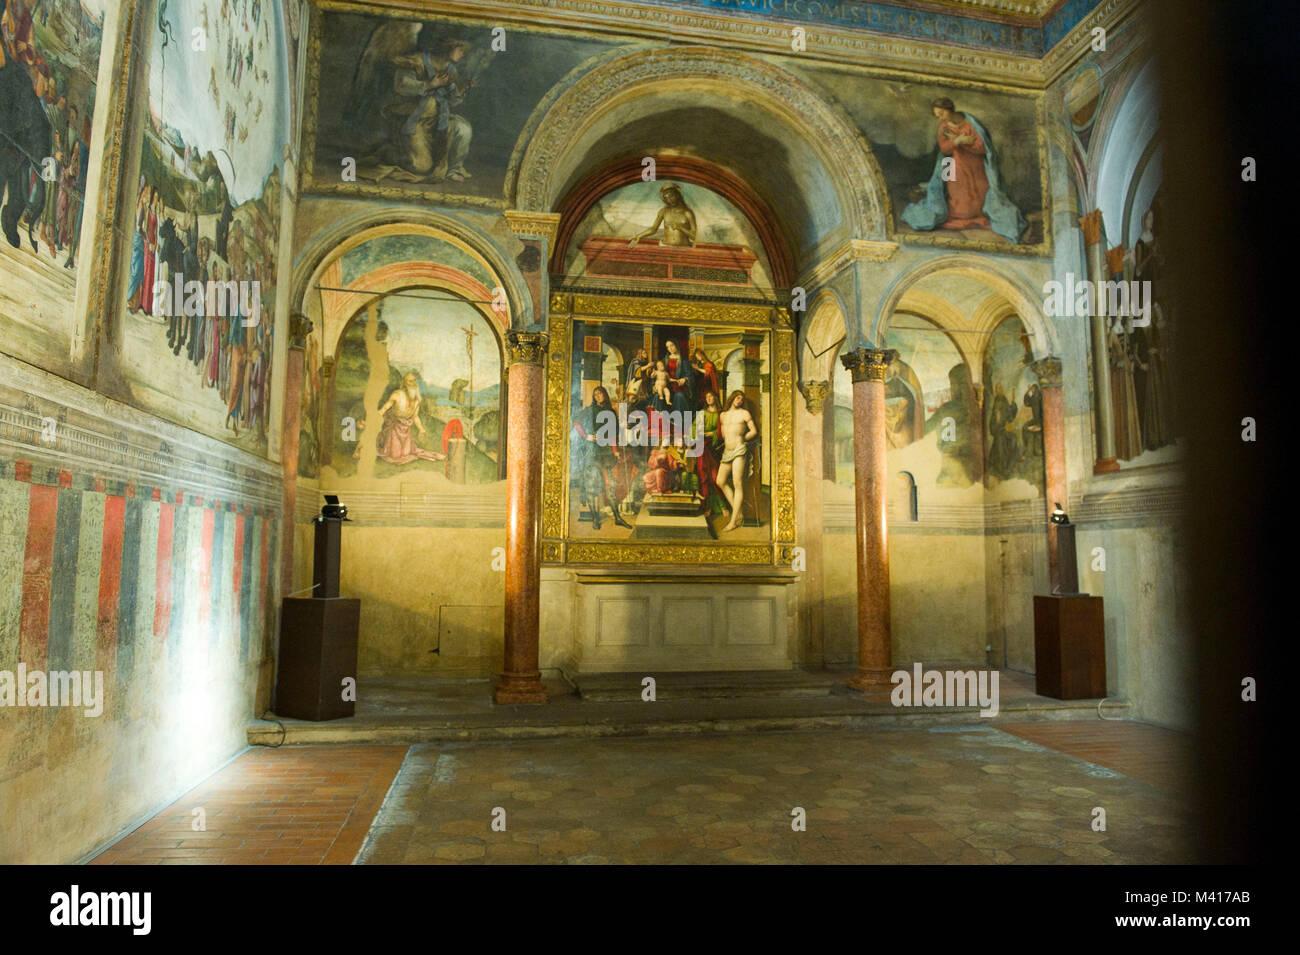 https://c8.alamy.com/comp/M417AB/italy-emilia-romagna-bologna-the-basilica-of-san-giacomo-maggiore-M417AB.jpg